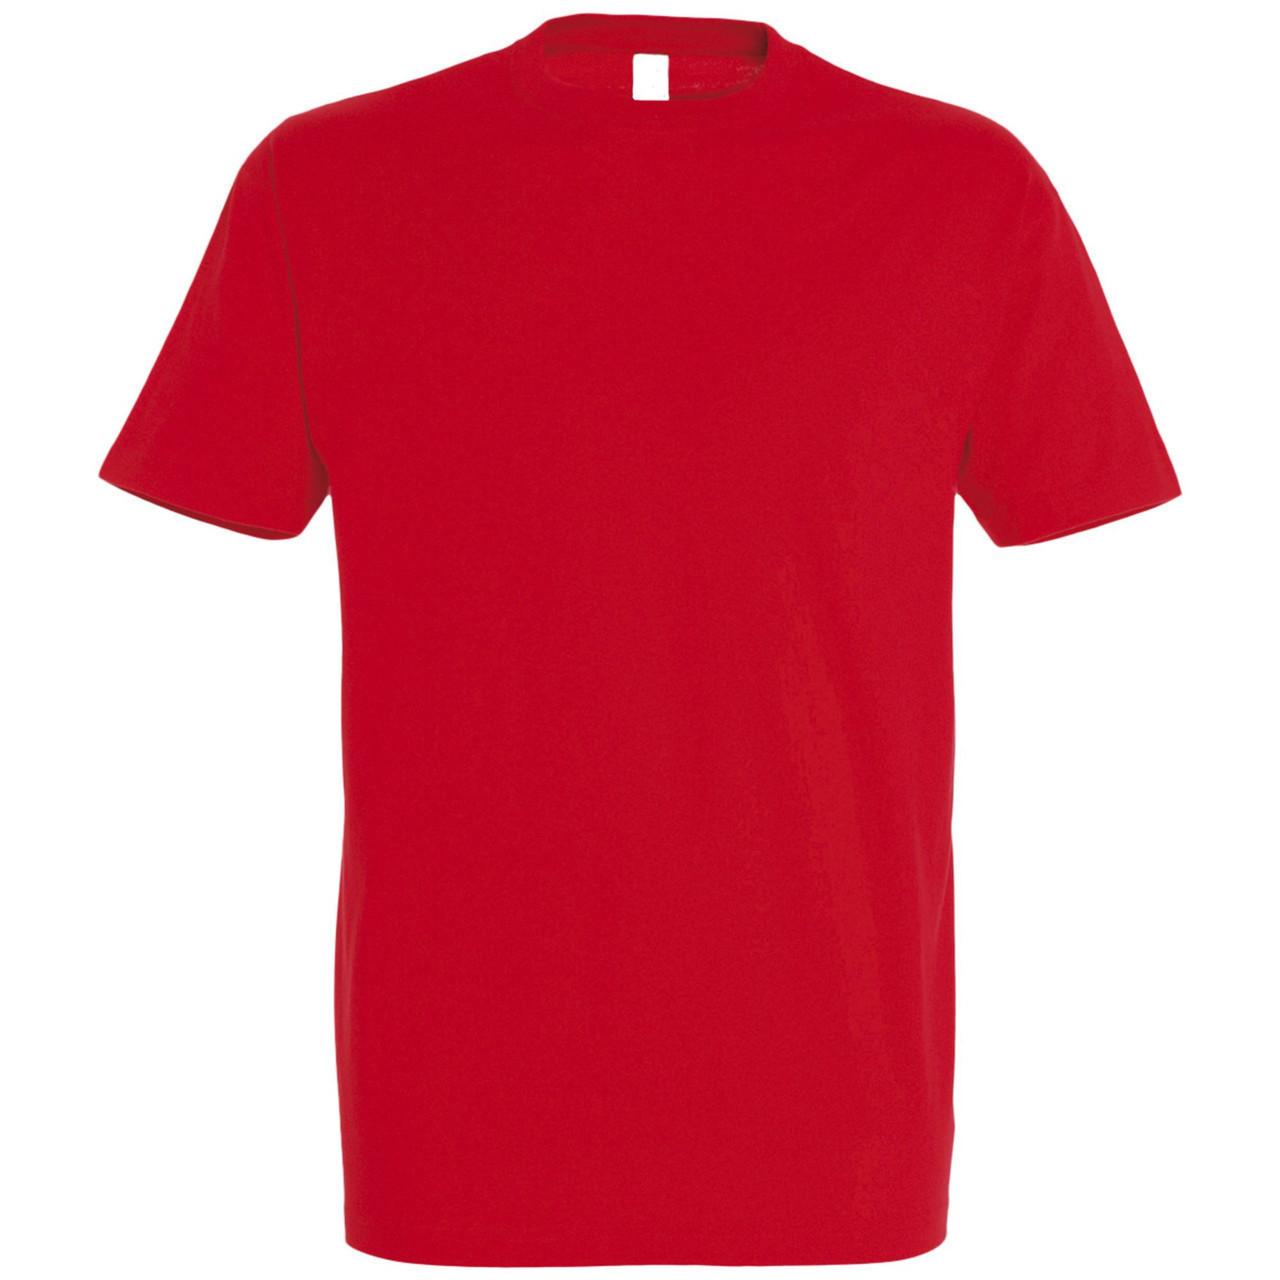 Oднотонная футболка | Красная | 160 гр. | 2XL